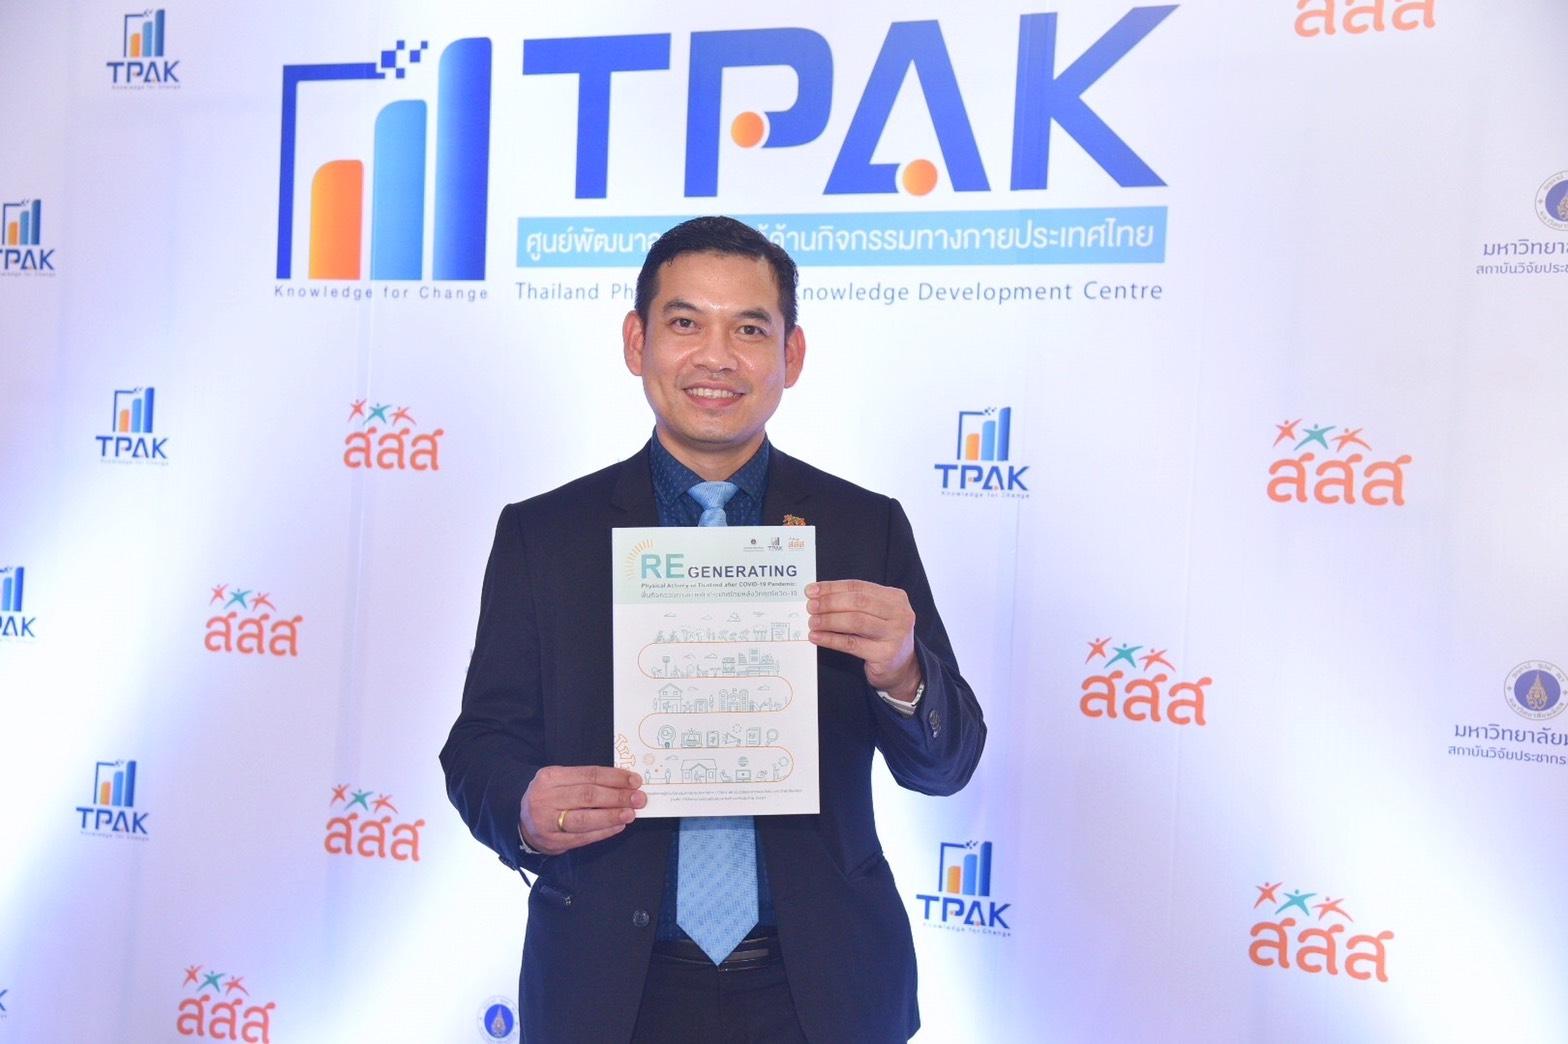 สสส. ร่วมกับ TPAK เปิดตัว 2 คู่มือหวังกระตุ้นกิจกรรมทางกายเพิ่มขึ้น thaihealth